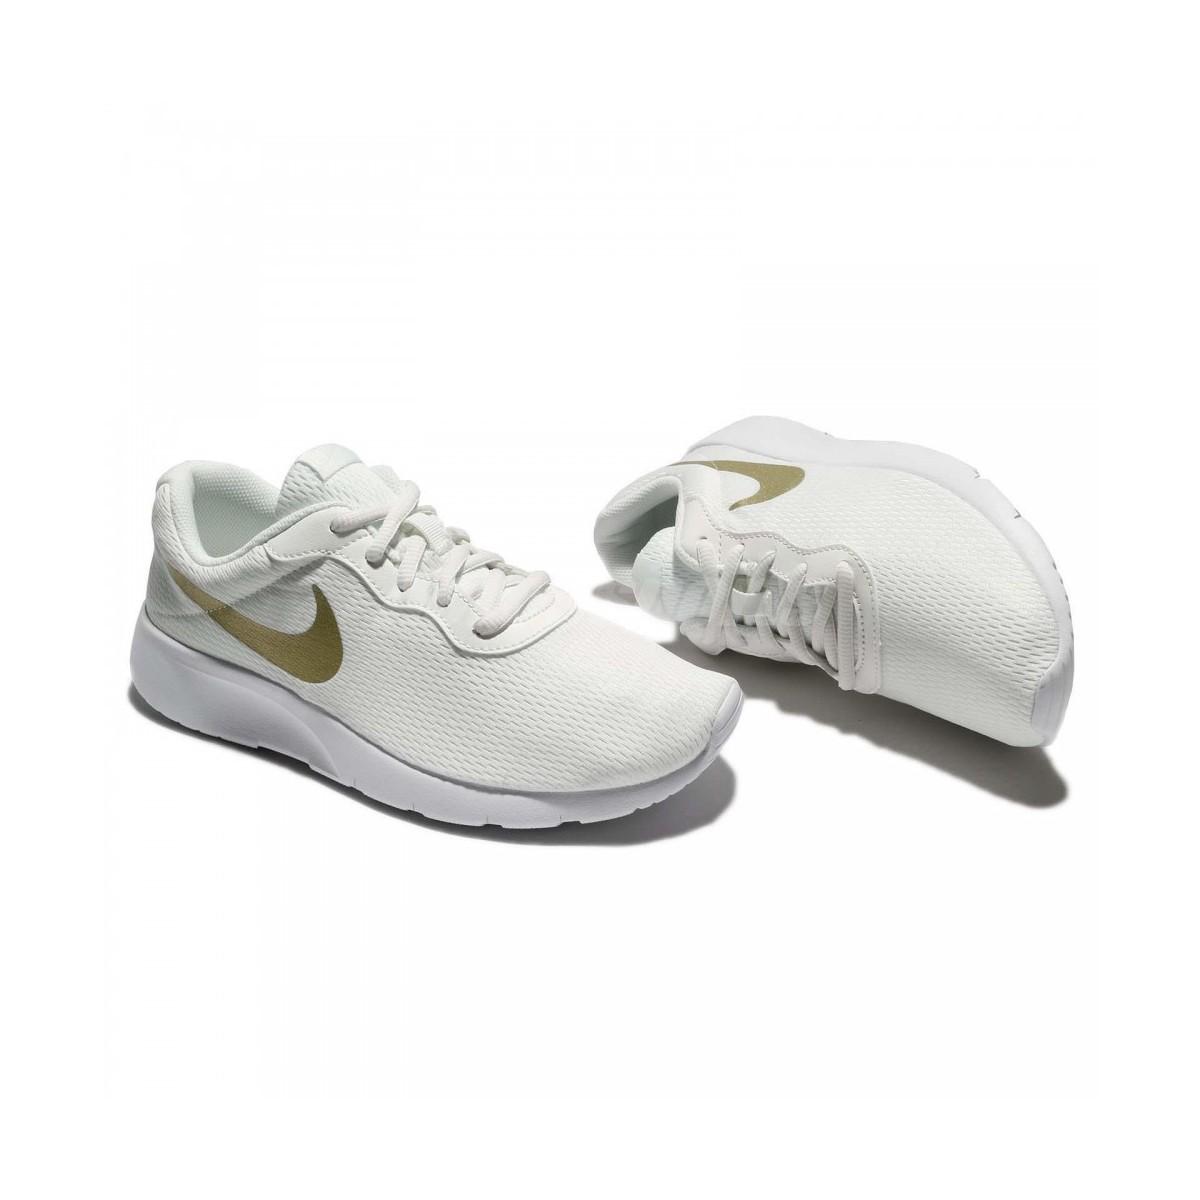 Nike tanjun blancas doradas mujer 818381 100 ek16iQ